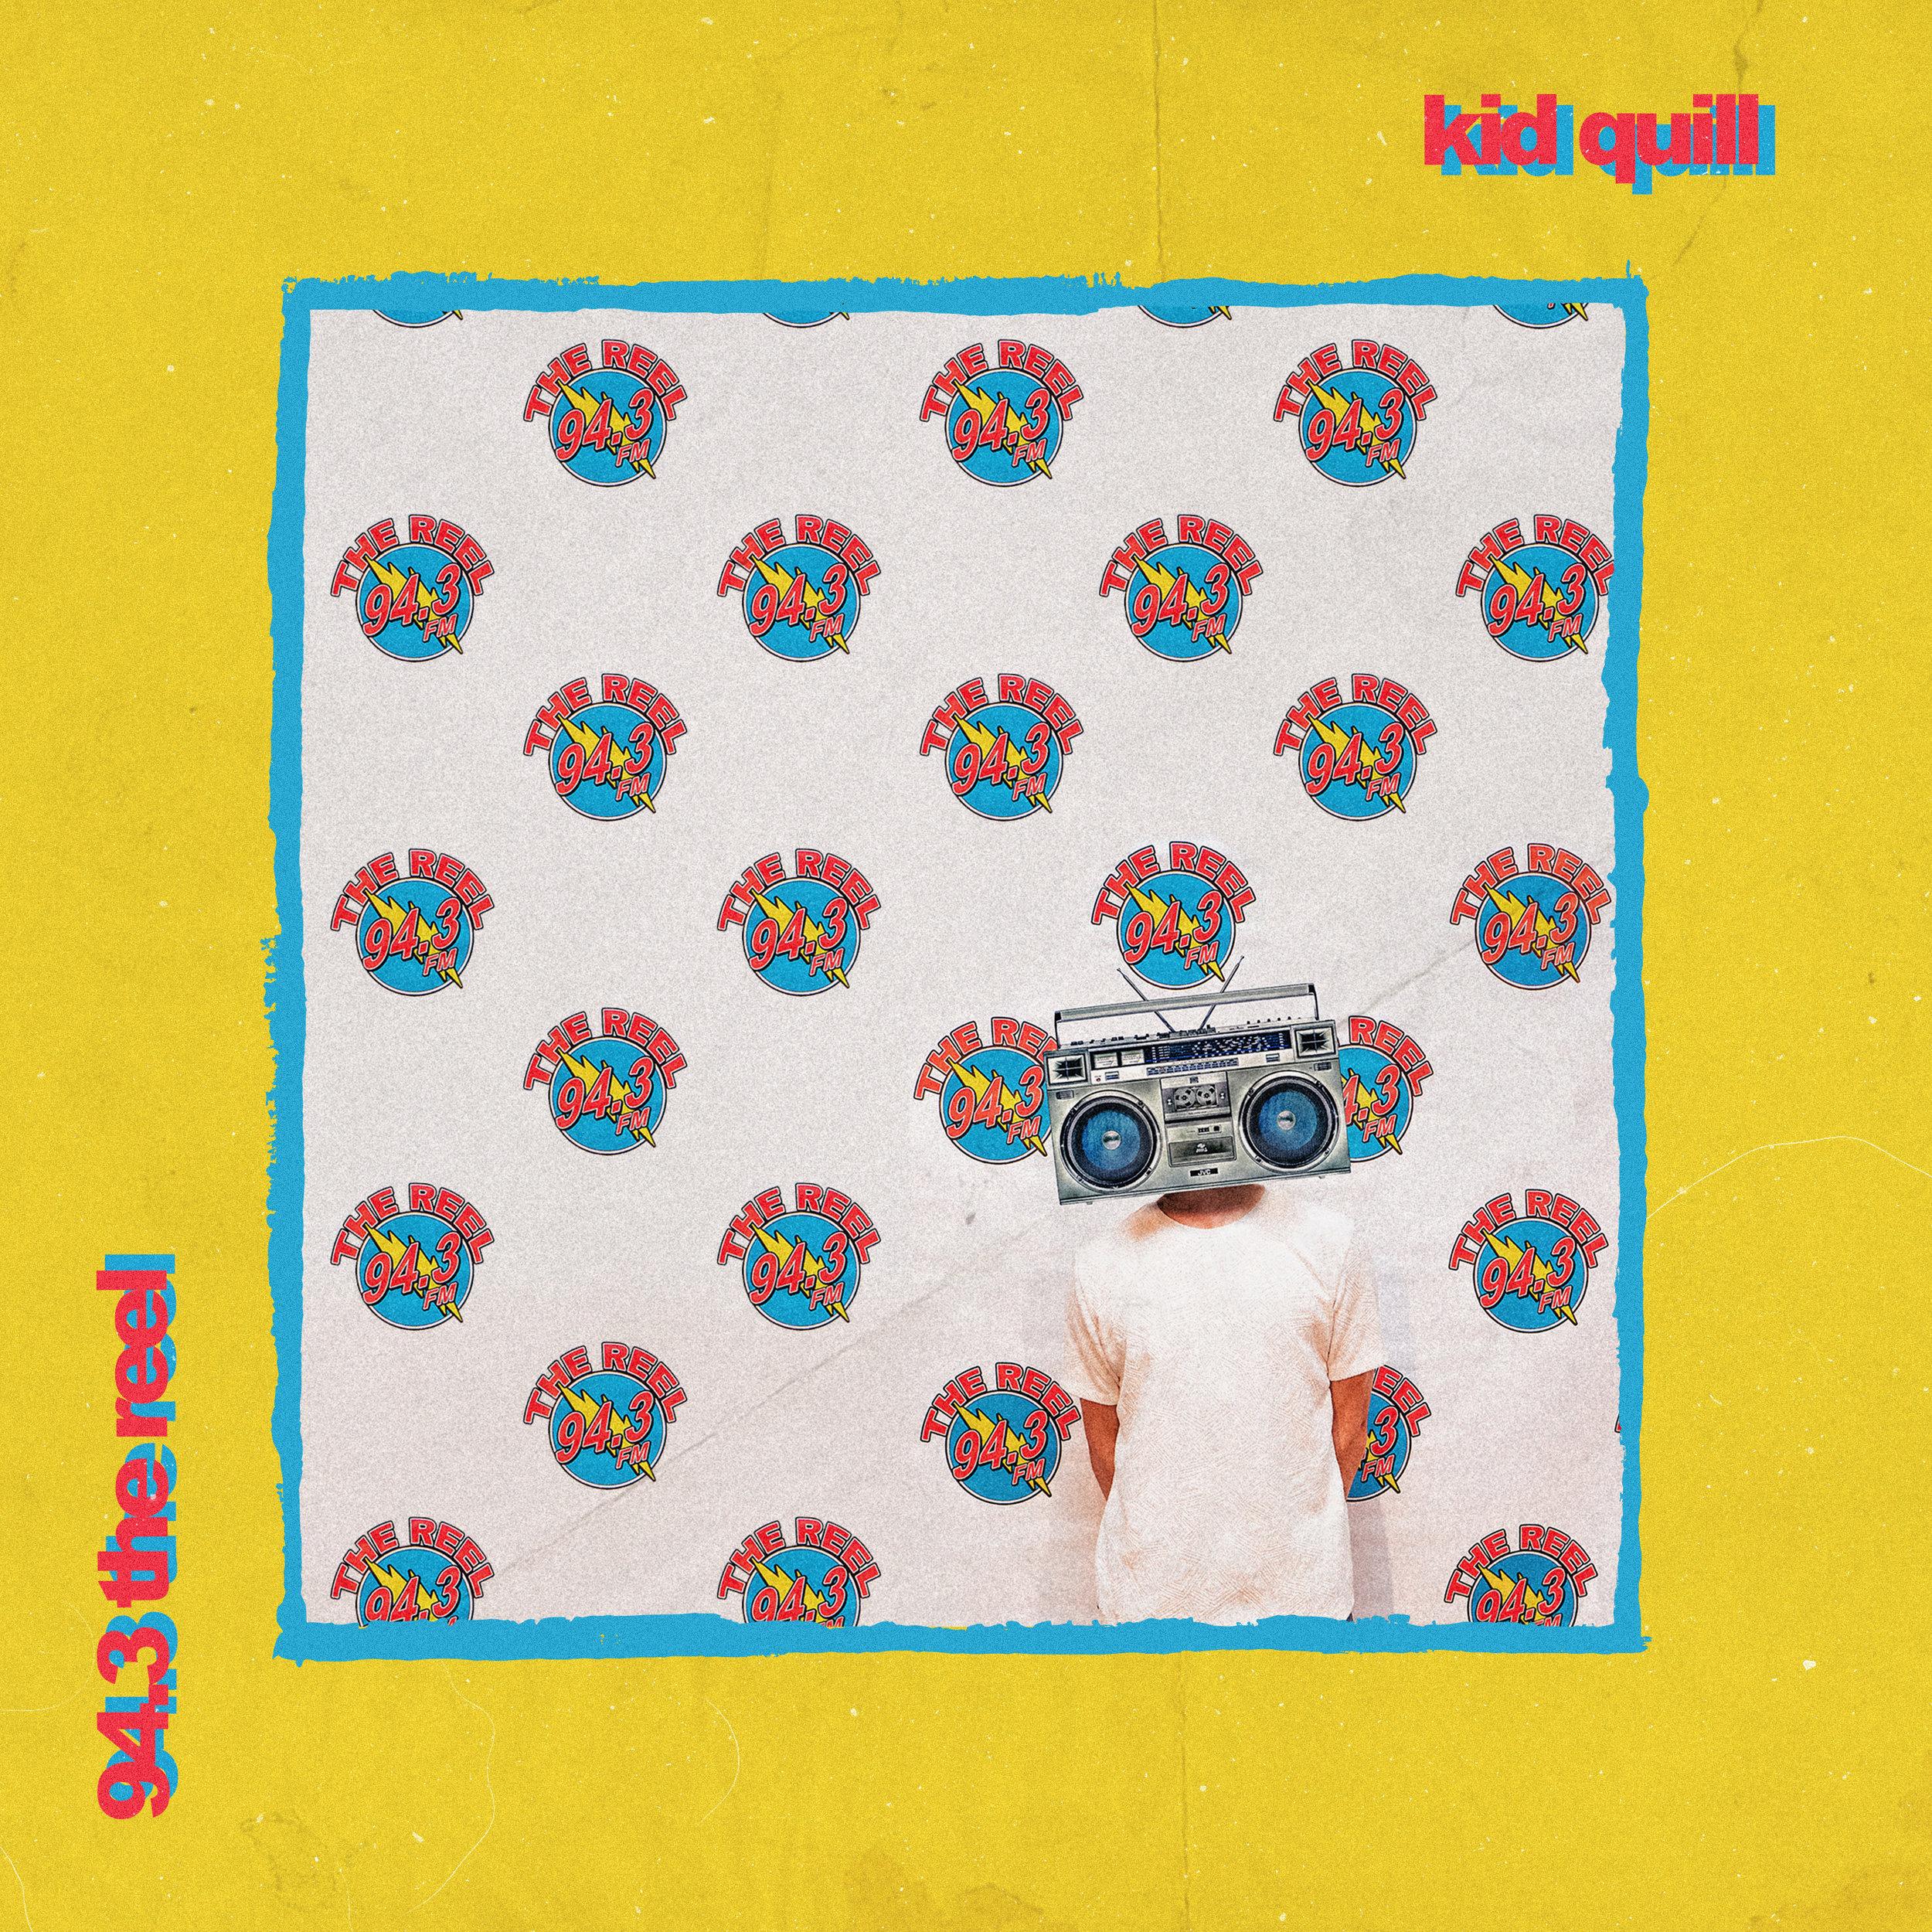 '94.3 The Reel' Album Cover Art   Top 10 iTunes Rap/Hip-Hop Charts